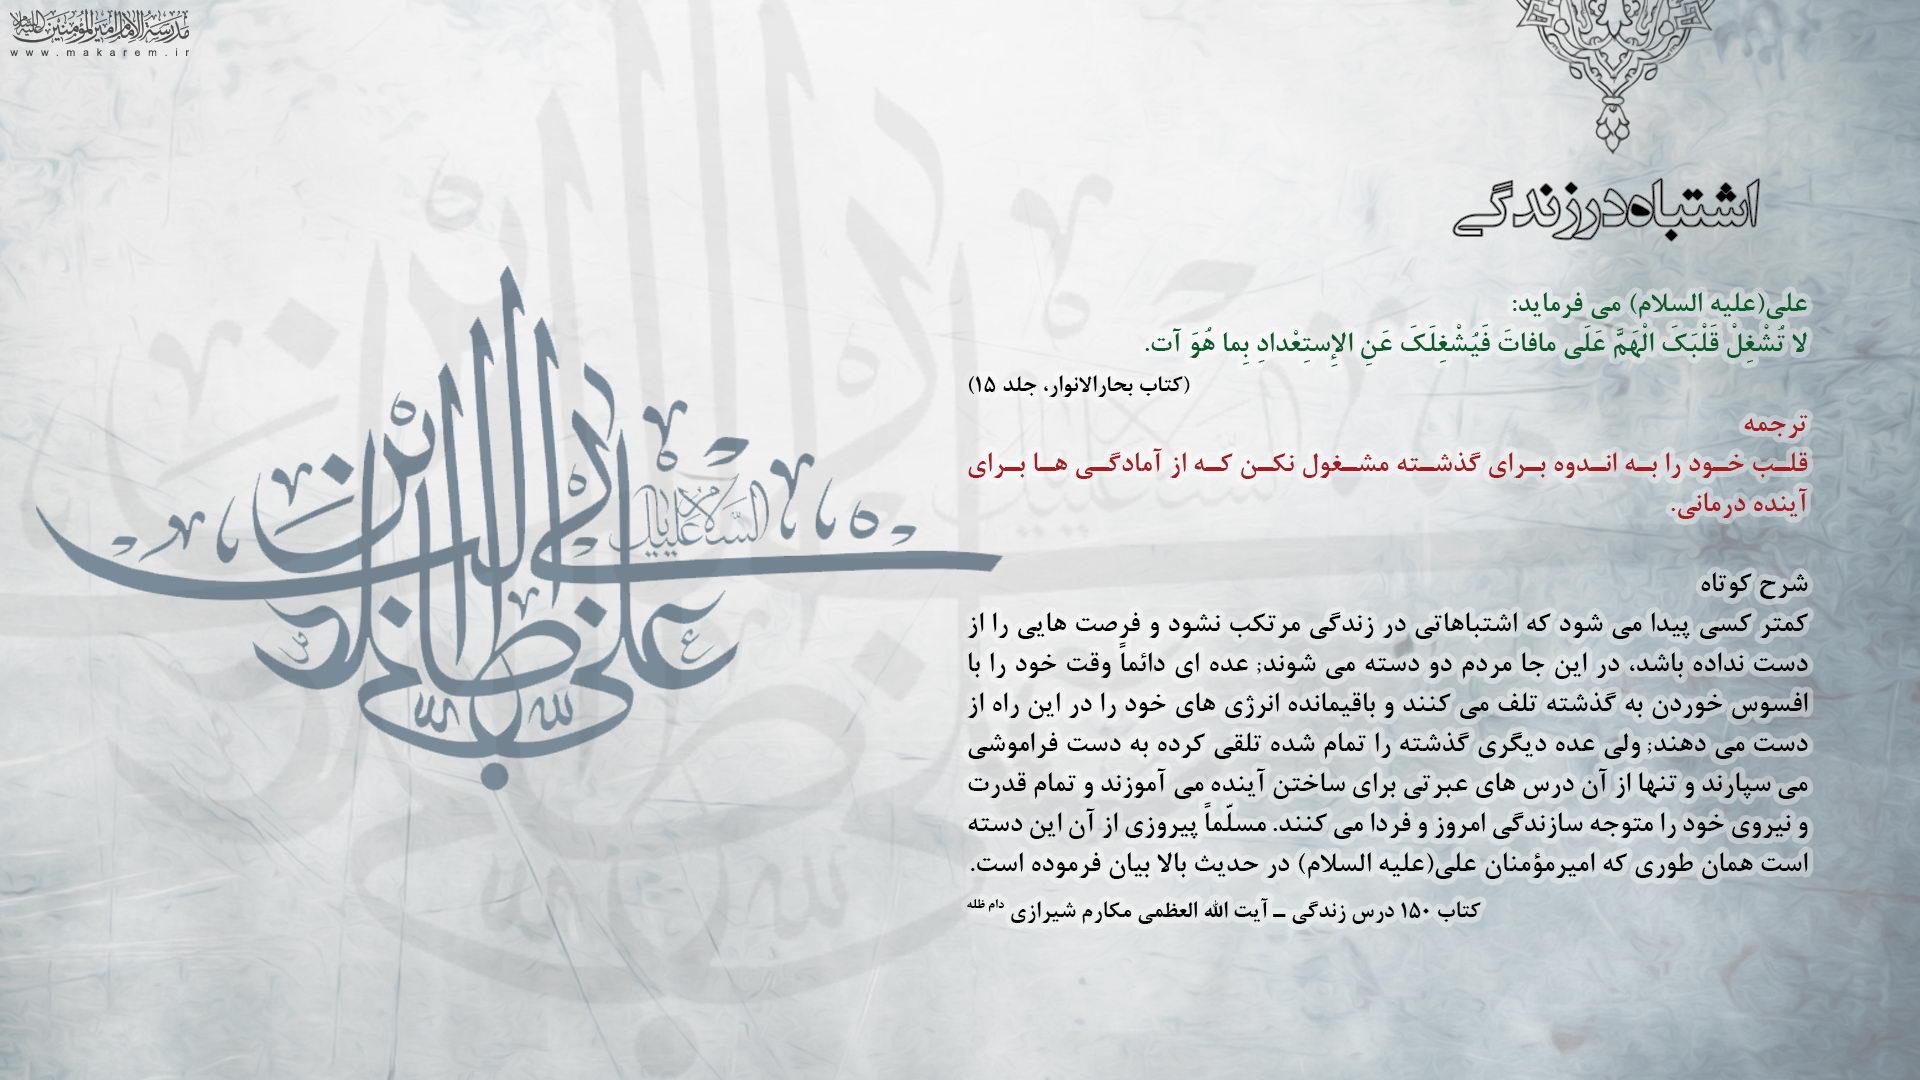 اشتباه در زندگی-مدرسه الامام امیر المومنین (ع)